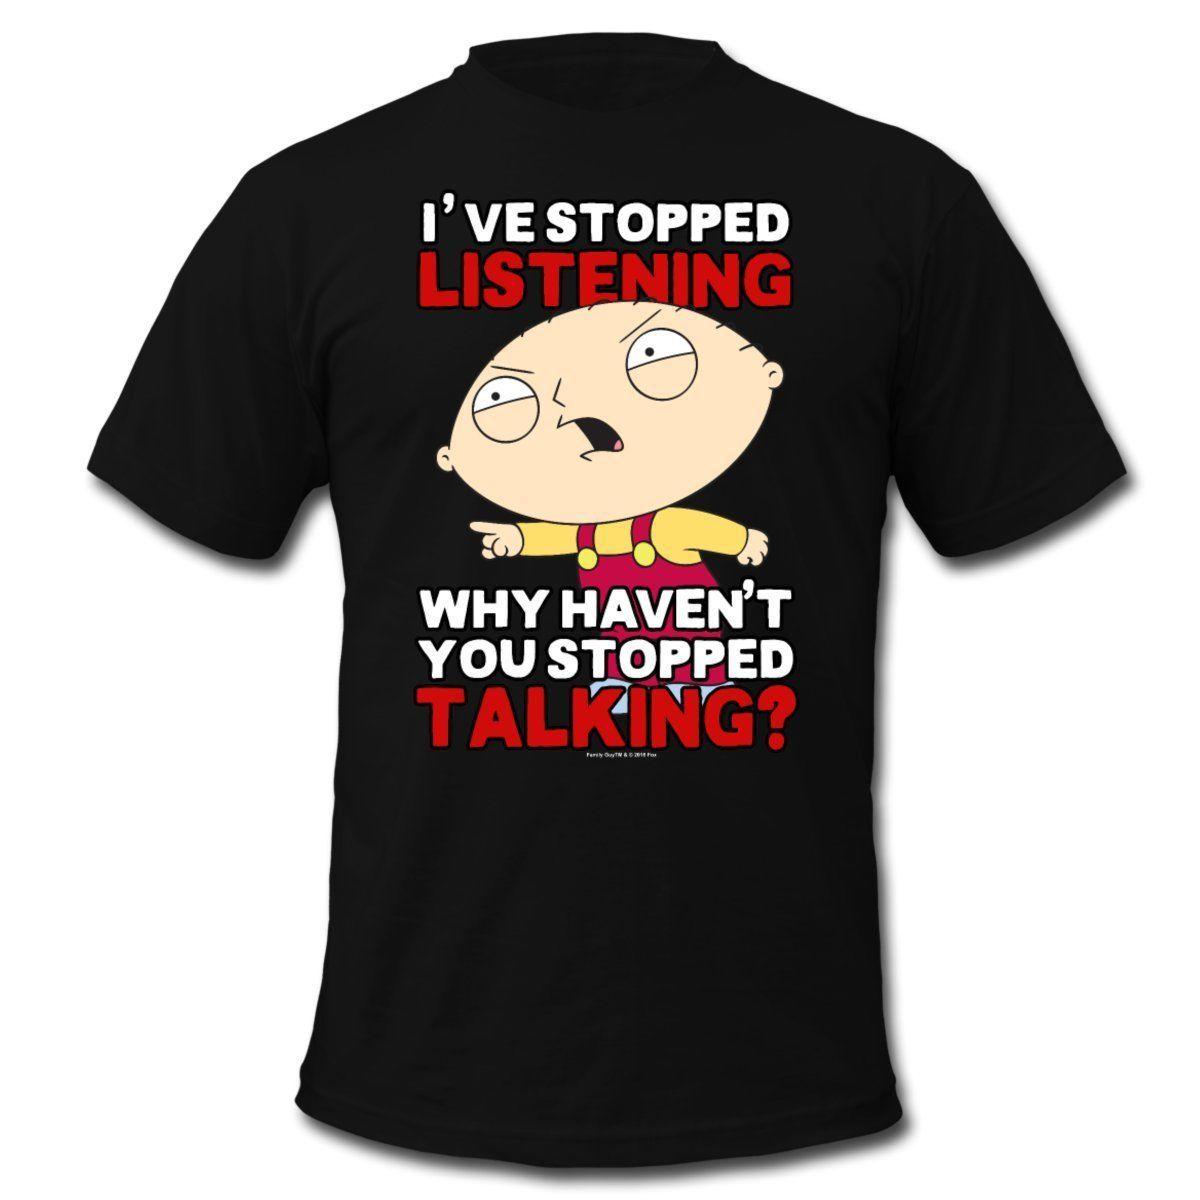 Мультфильм Стьюи перестал слушать мужская футболка лето мужская печать футболка свободные хлопок футболки для мужчин прохладный топы рубашки